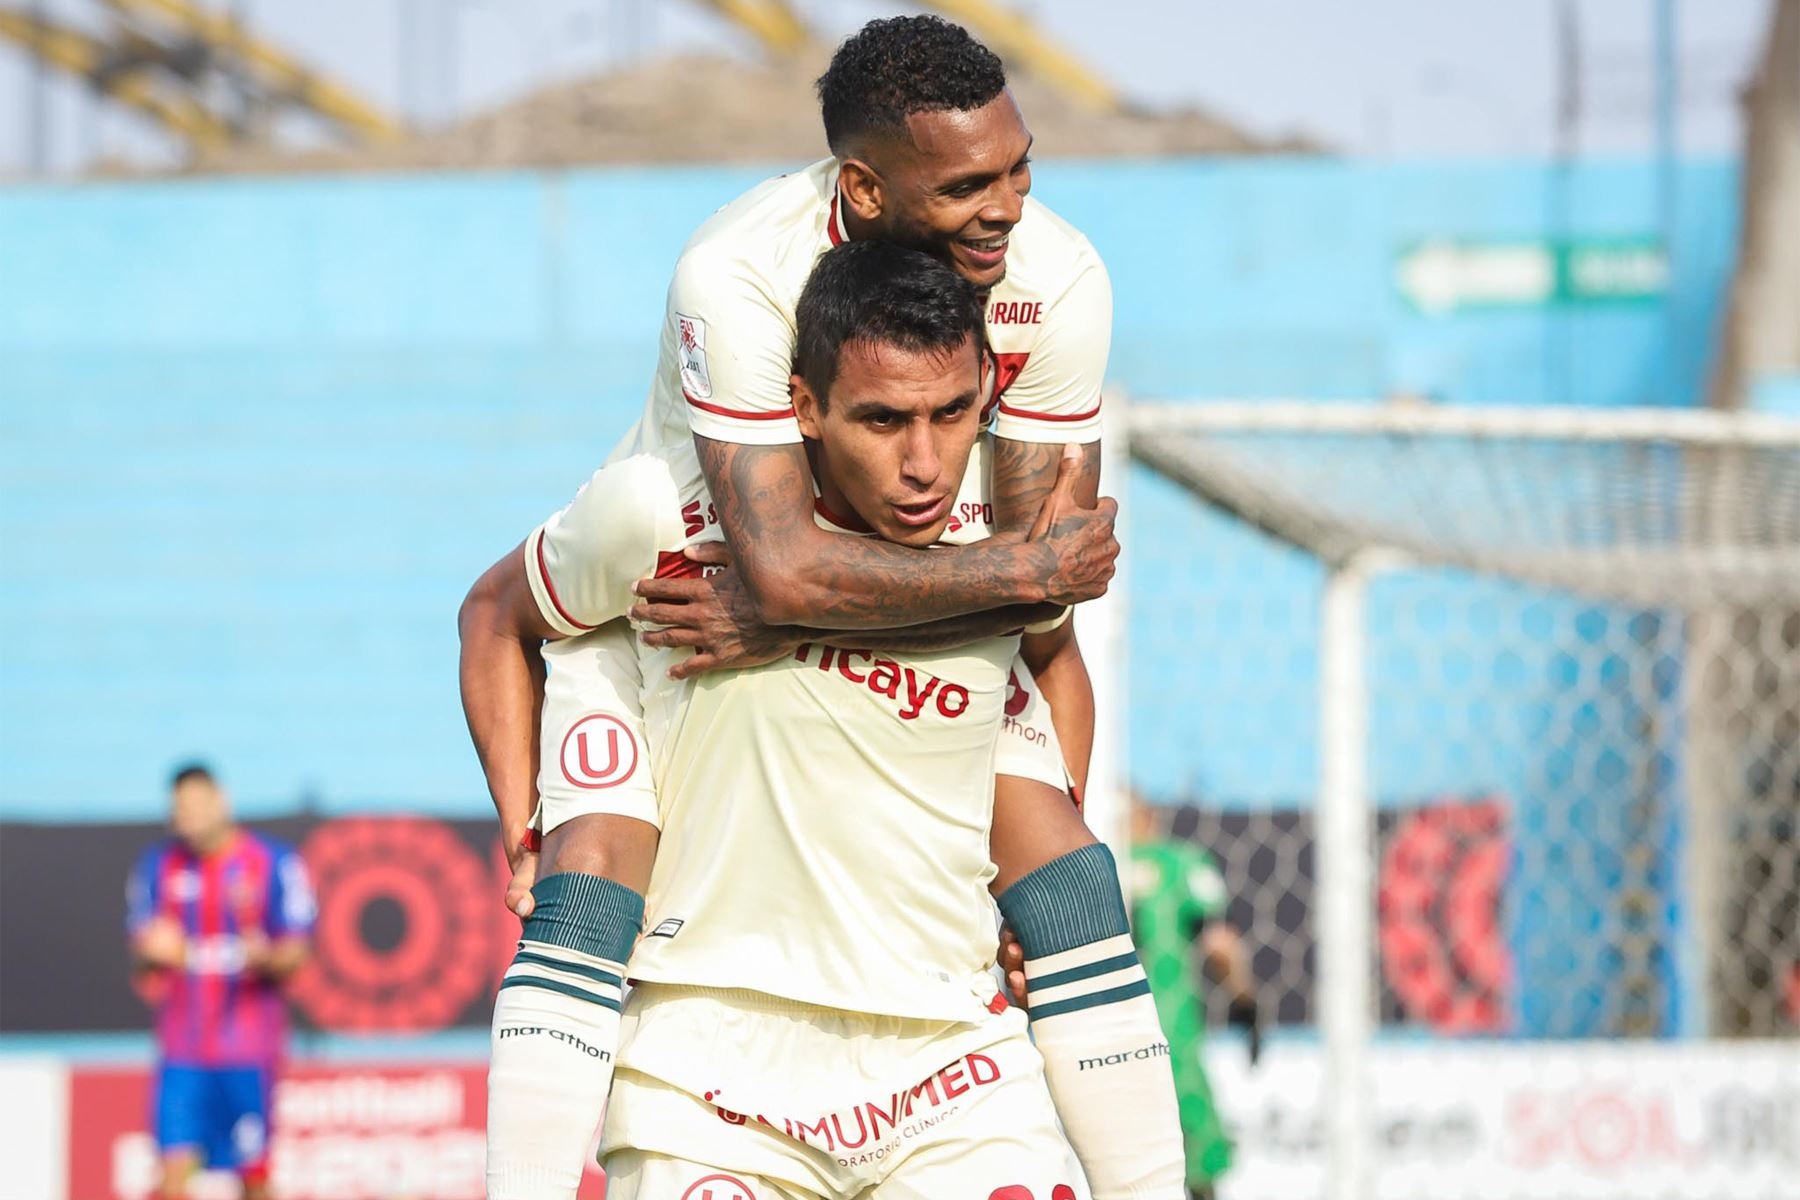 El futbolista Álex Valera de Universitario de Deportes  celebra su gol anotado ante el club Alianza UDH durante el partido de la fecha 12 de la Liga 1 en el estadio Alberto Gallardo. F oto: @LigaFutProf